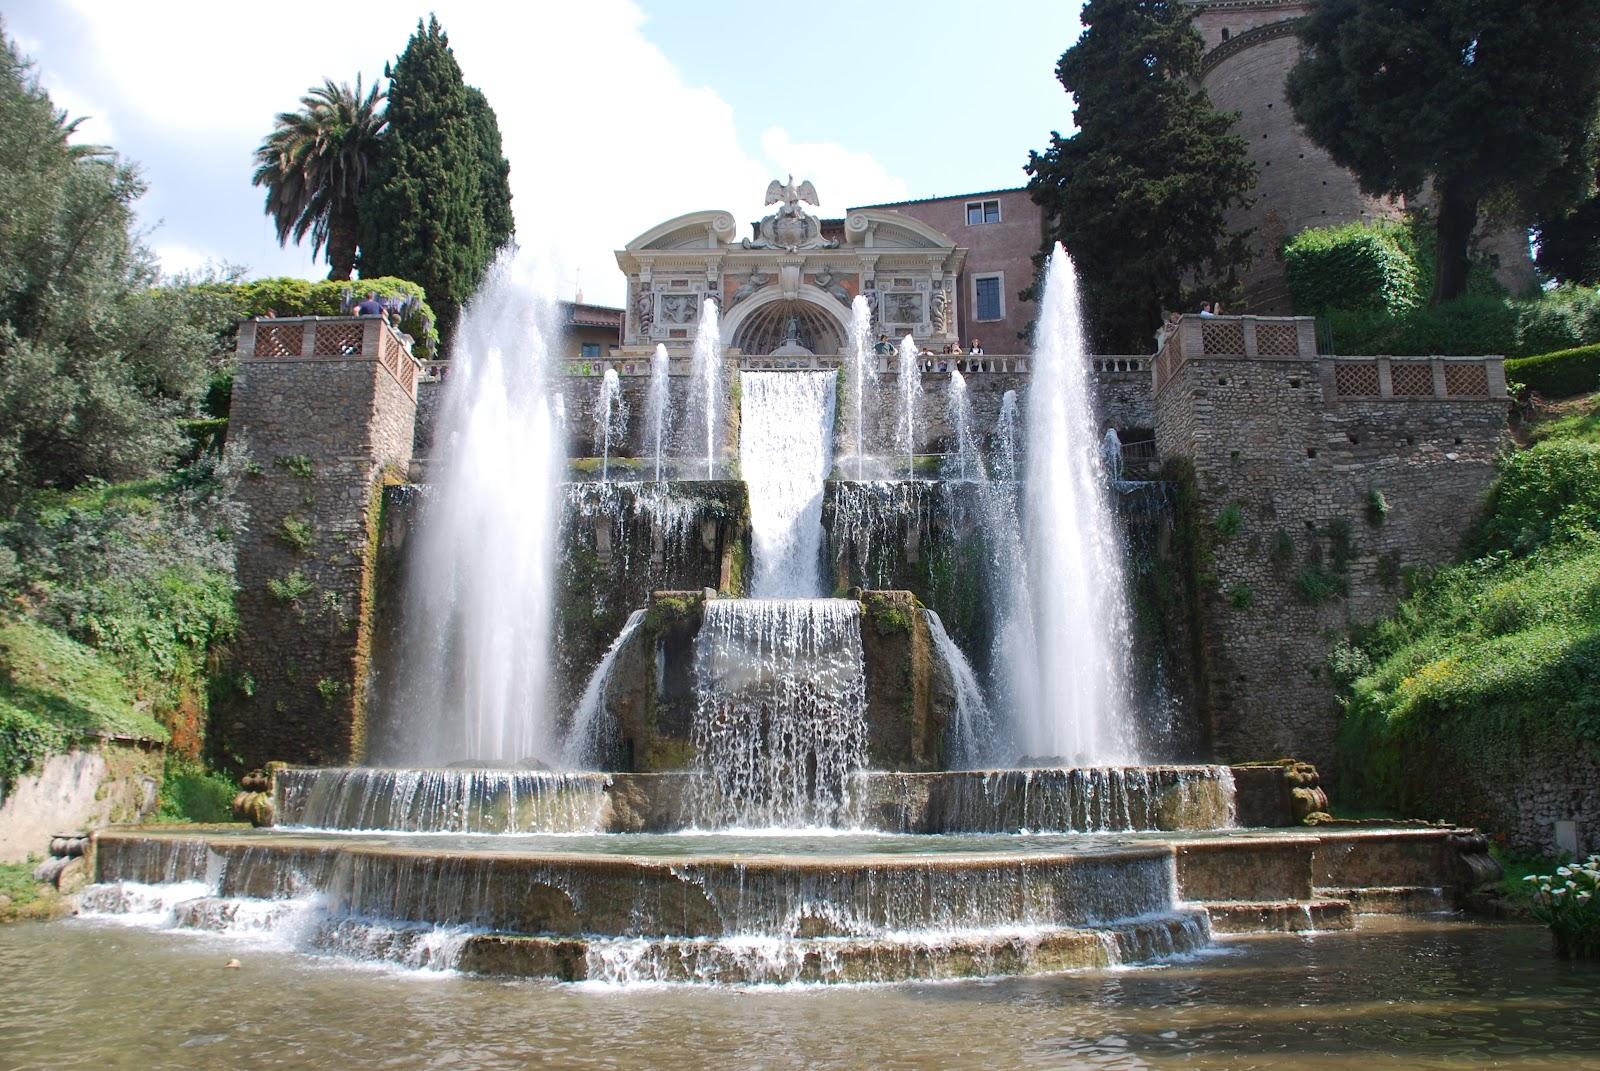 VILLA DESTE  Tivoli The Garden of Eaden